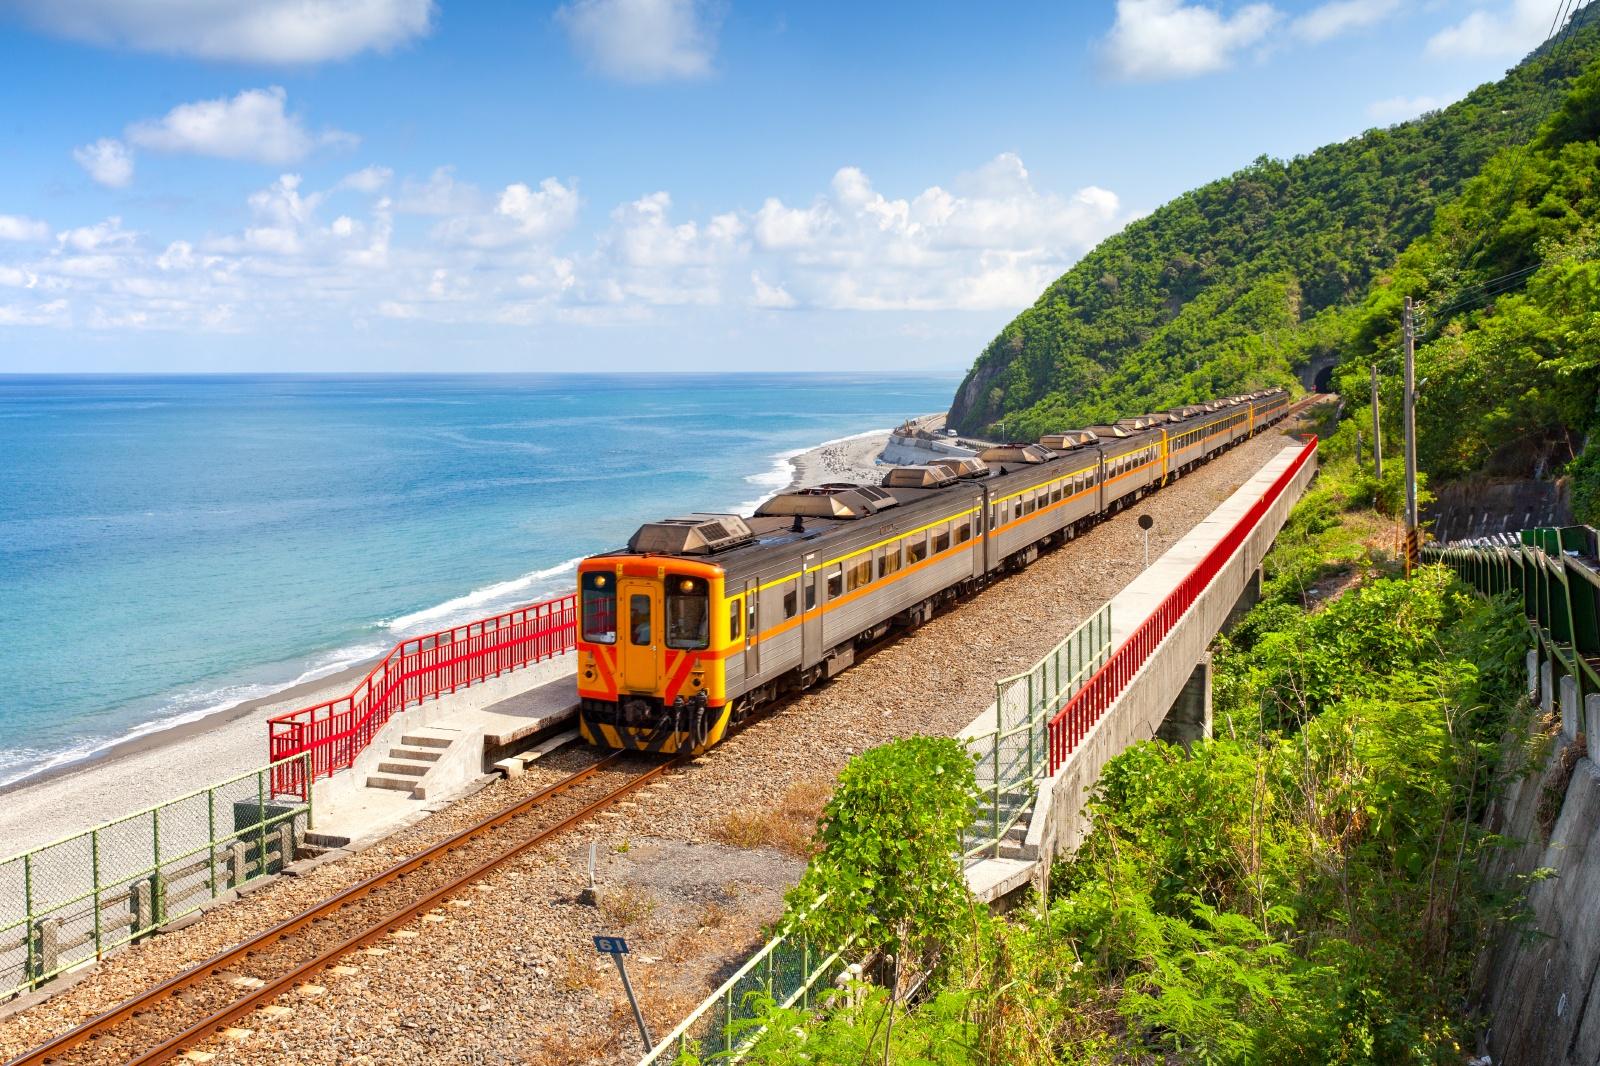 台湾で最も美しい駅「多良駅」に近づく列車 台湾の鉄道風景